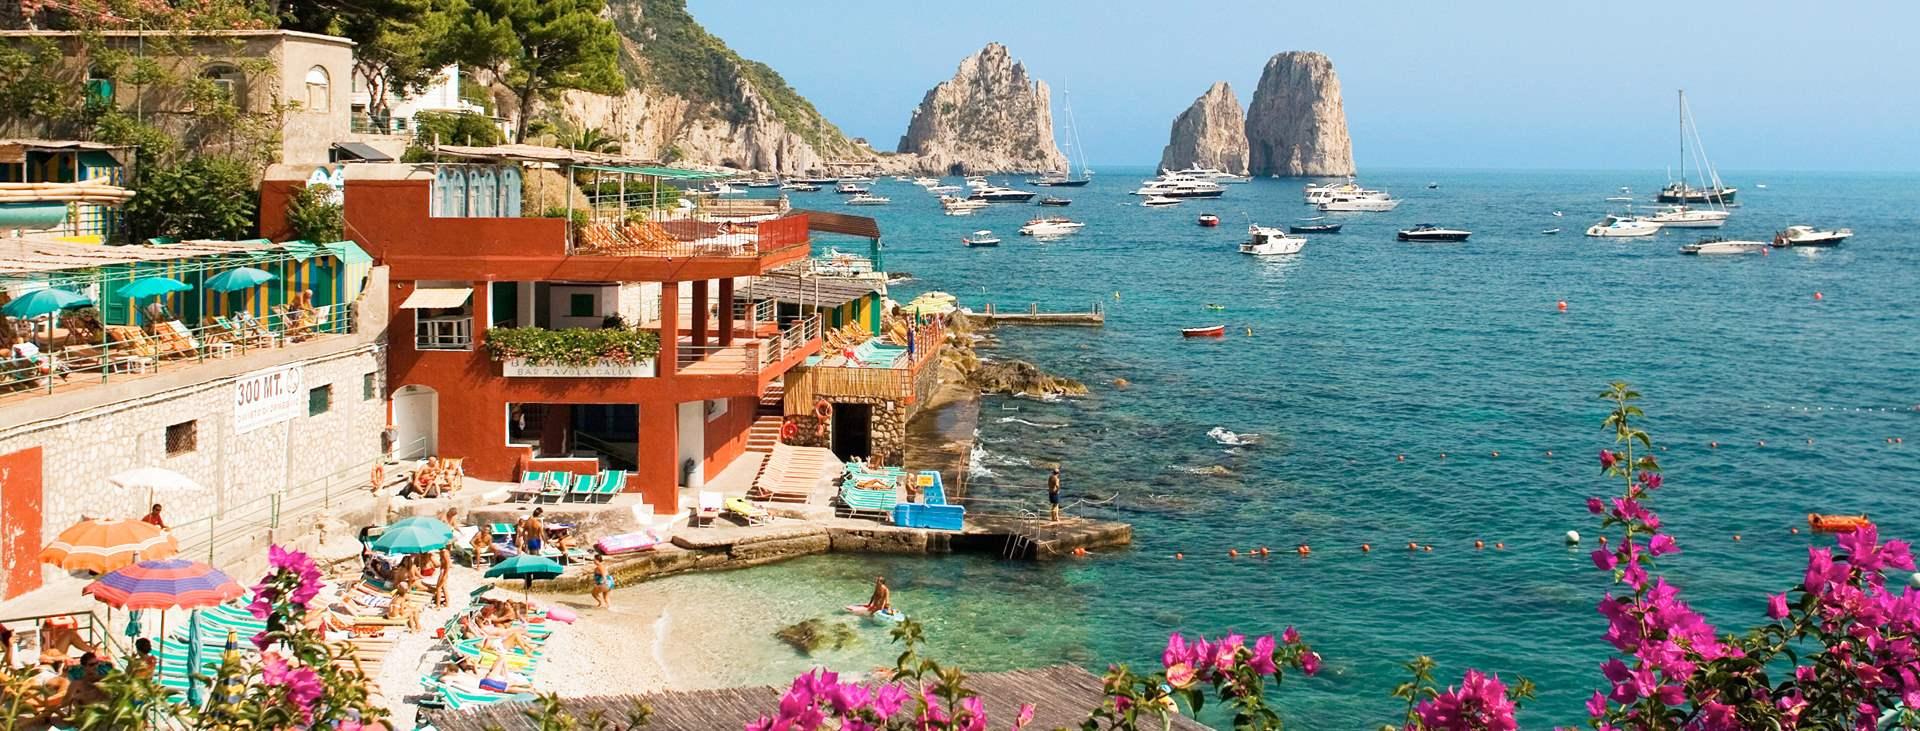 Bestill en reise til Capri i Italia med Ving